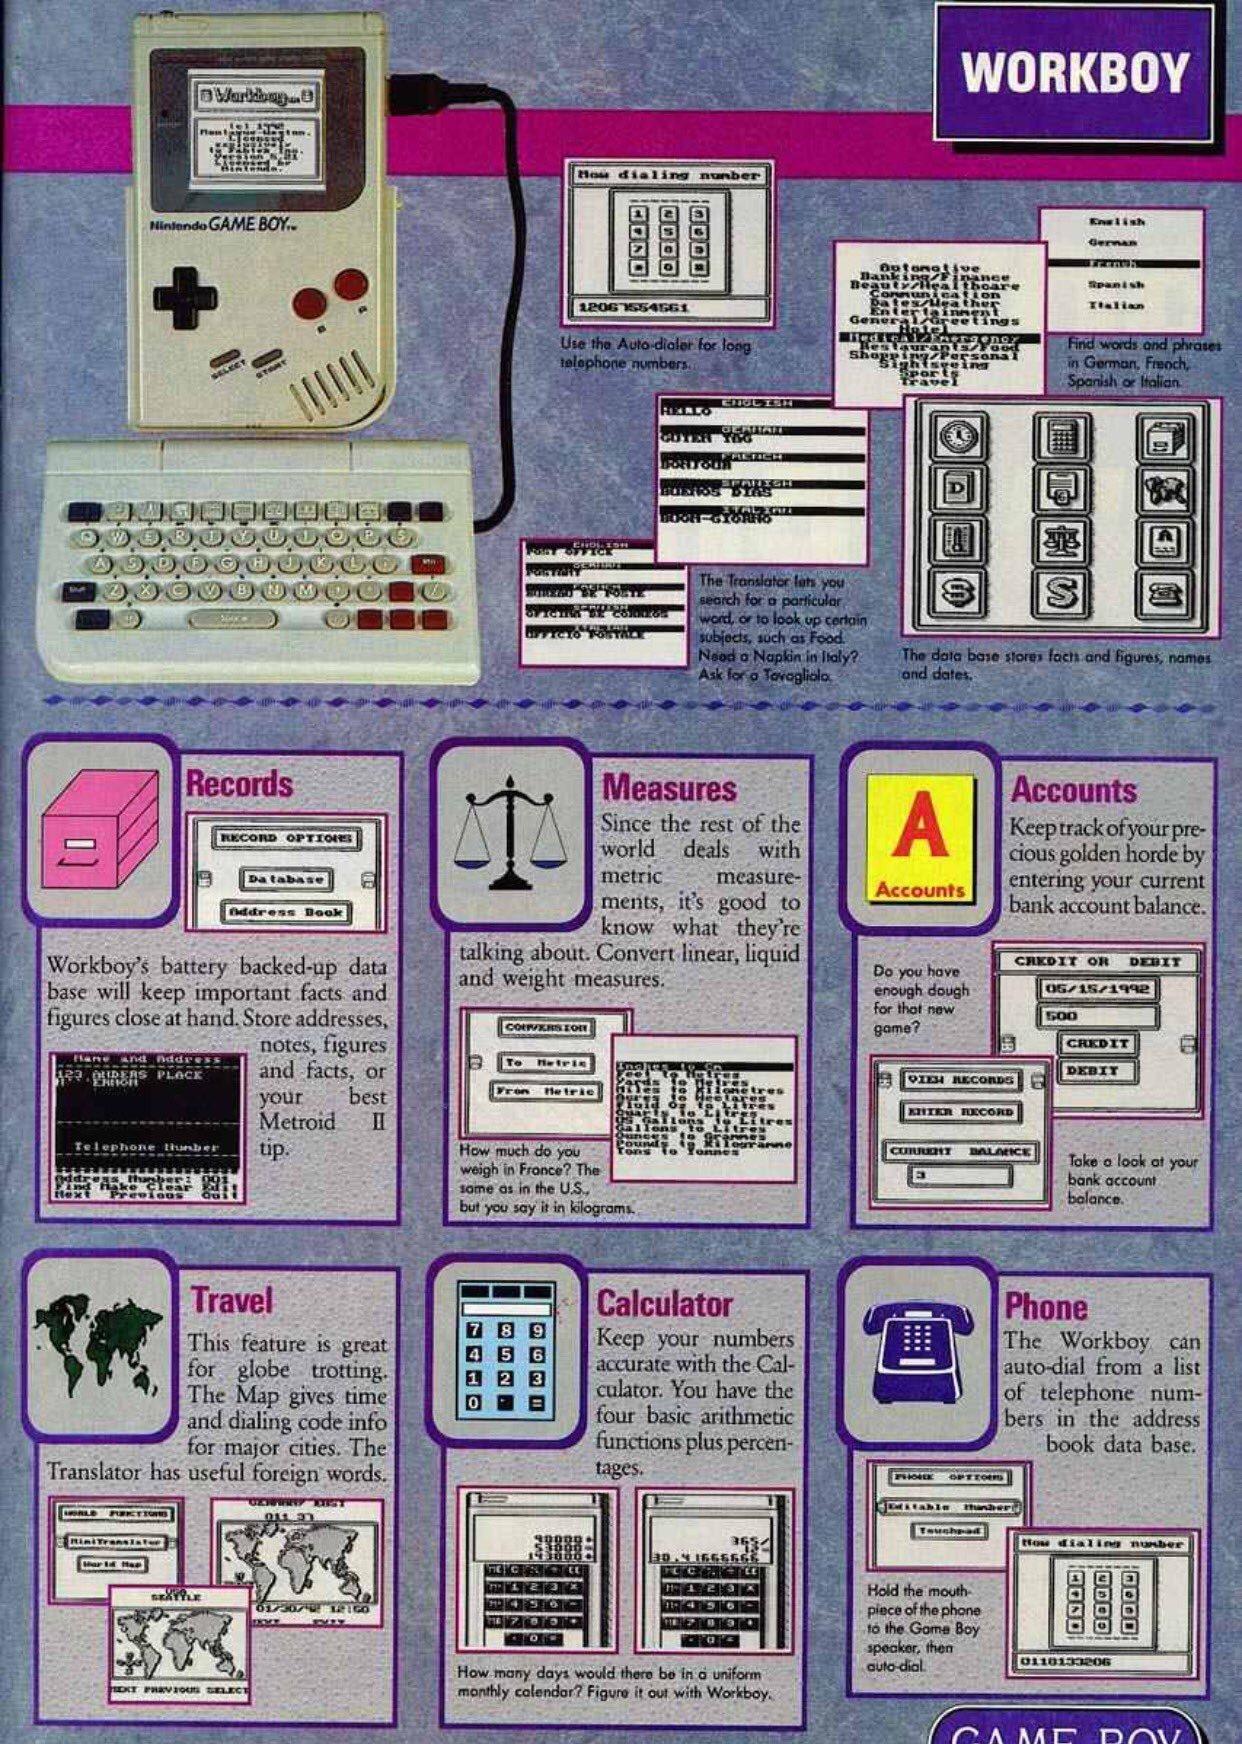 WorkBoy WorkBoy: El accesorio perdido de Game Boy que lo hubiese convertido en un PDA